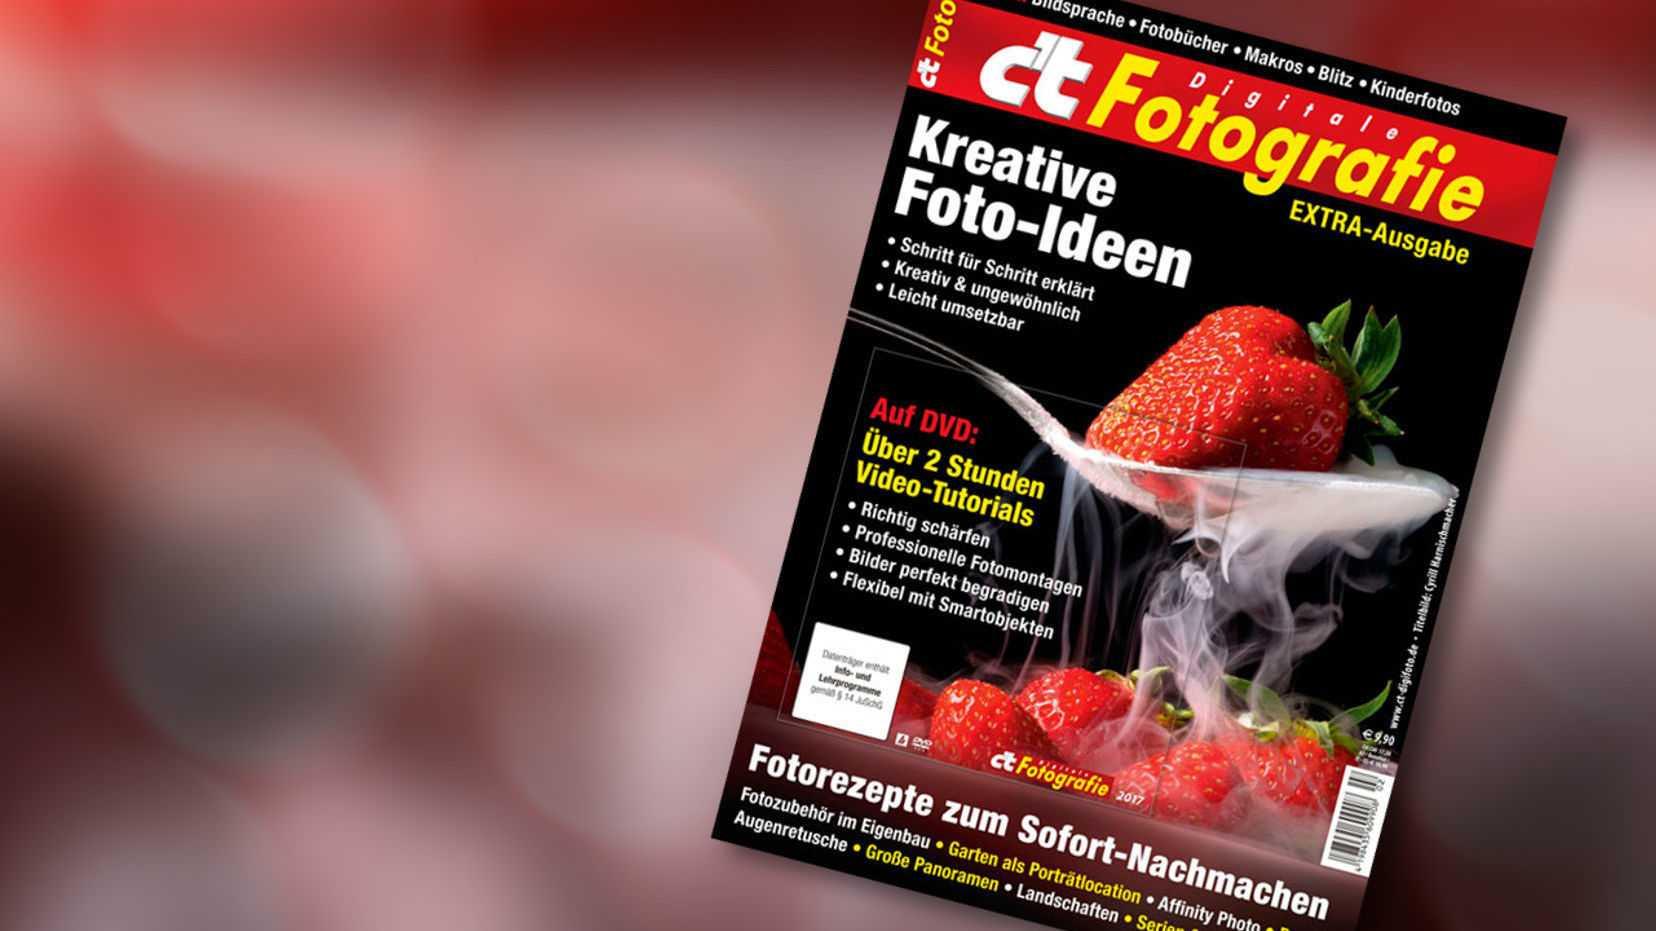 c't Fotografie Extra: Fotorezepte zum Sofort-Nachmachen